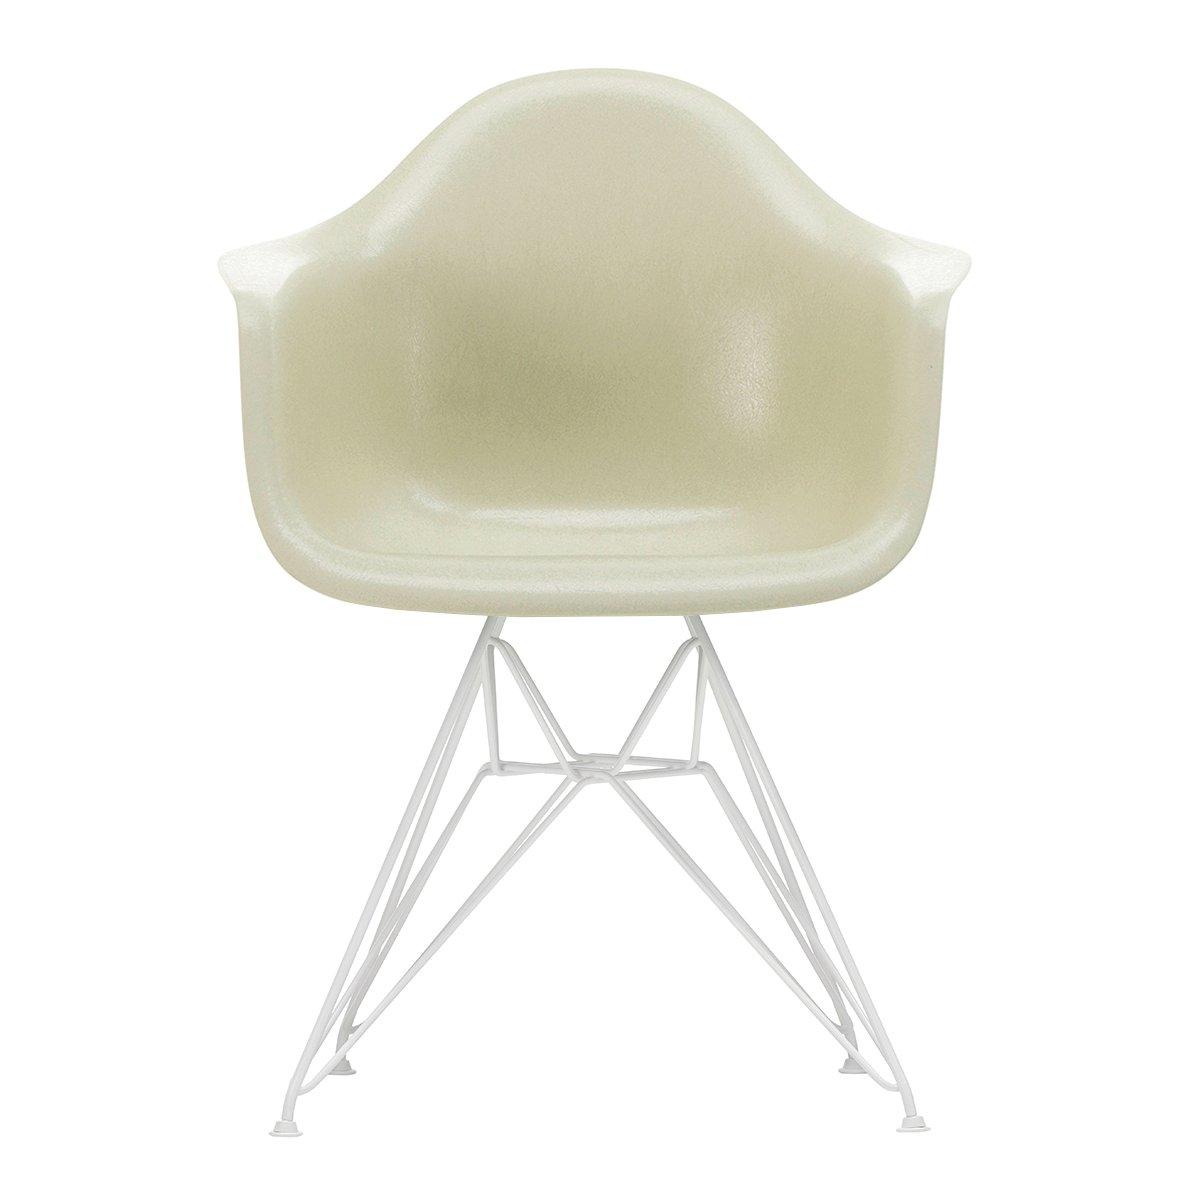 Vitra Eames Fiberglass Chair DAR Wit - Parchment